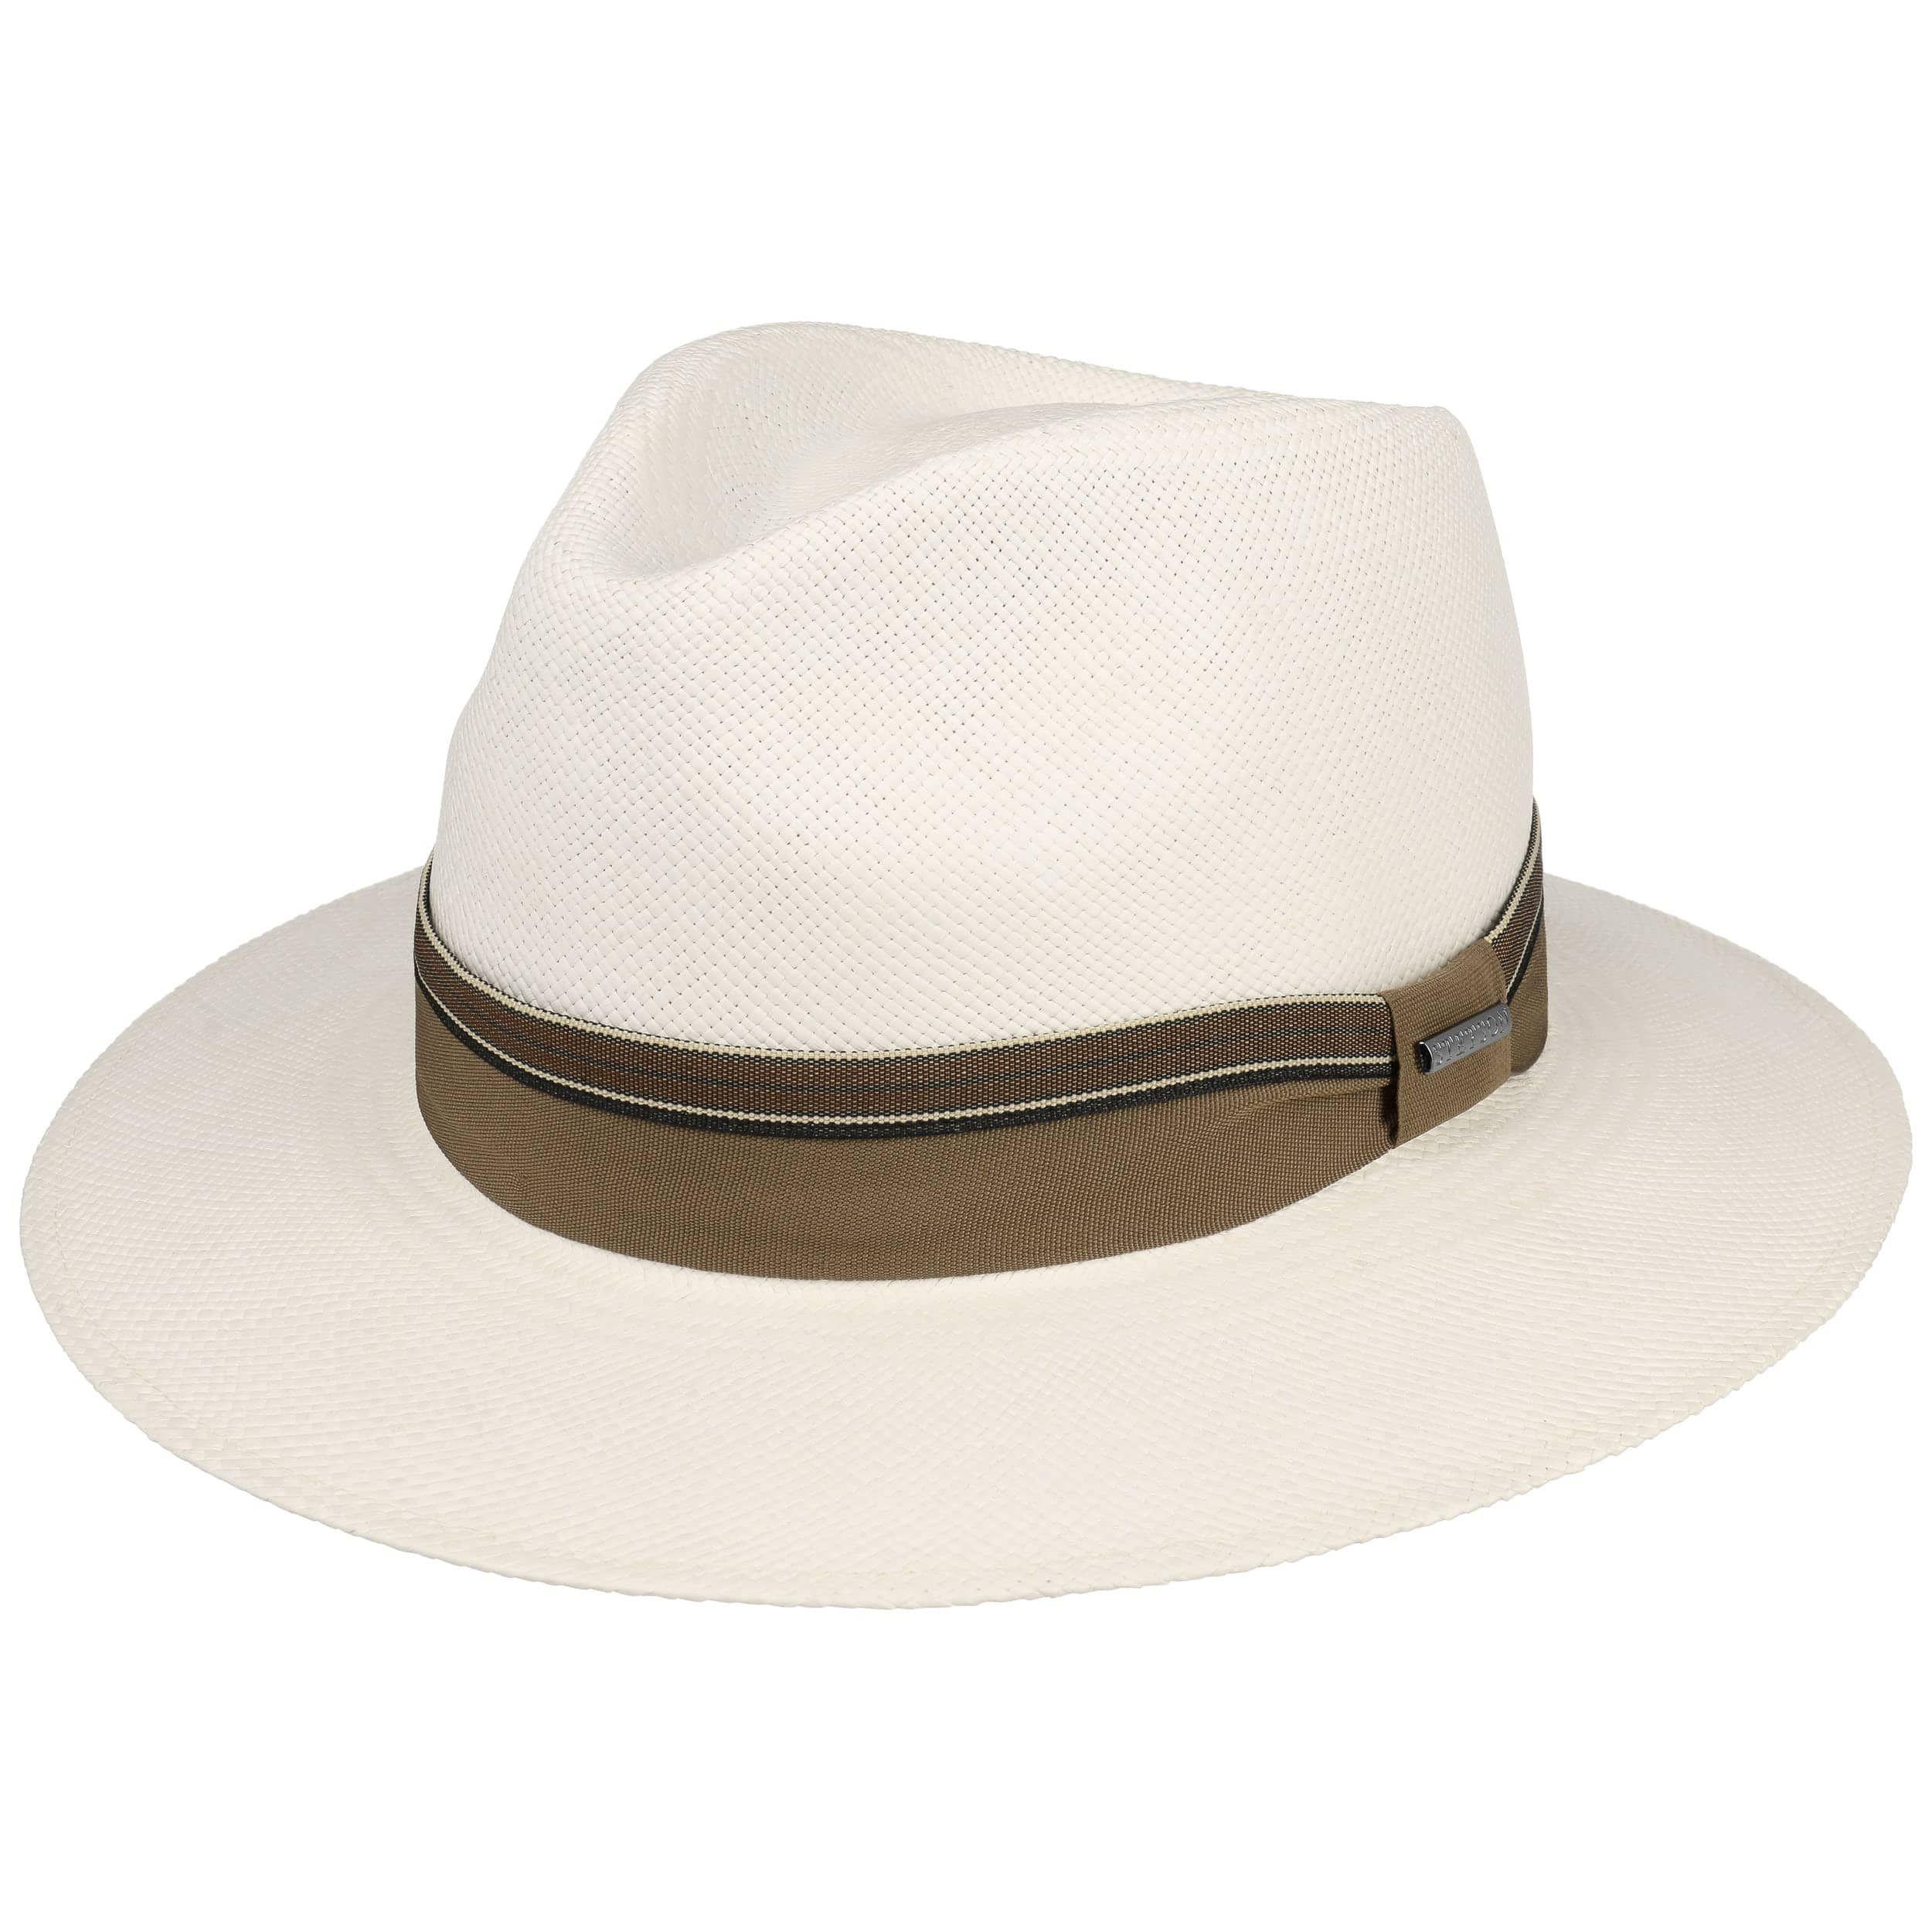 professionnel meilleure valeur dégagement Chapeau Panama Rushworth Traveller blanc crème